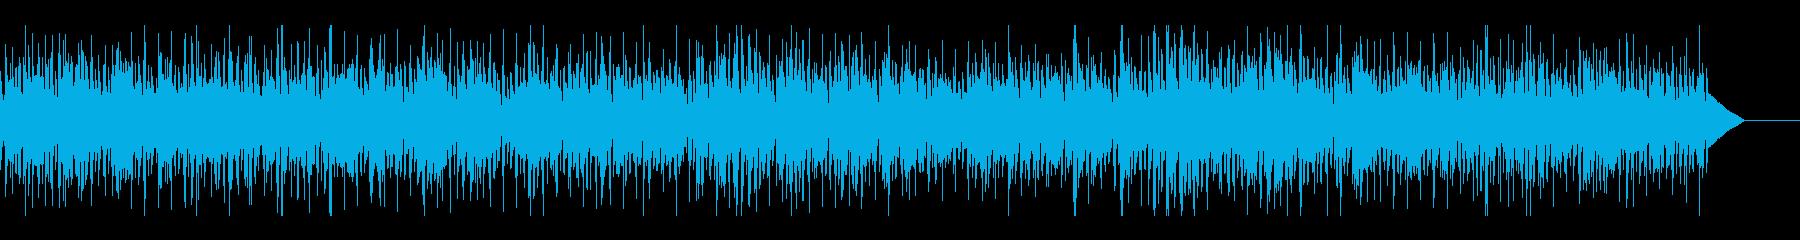 とにかくカッコいいR&Bジャズエレピの再生済みの波形